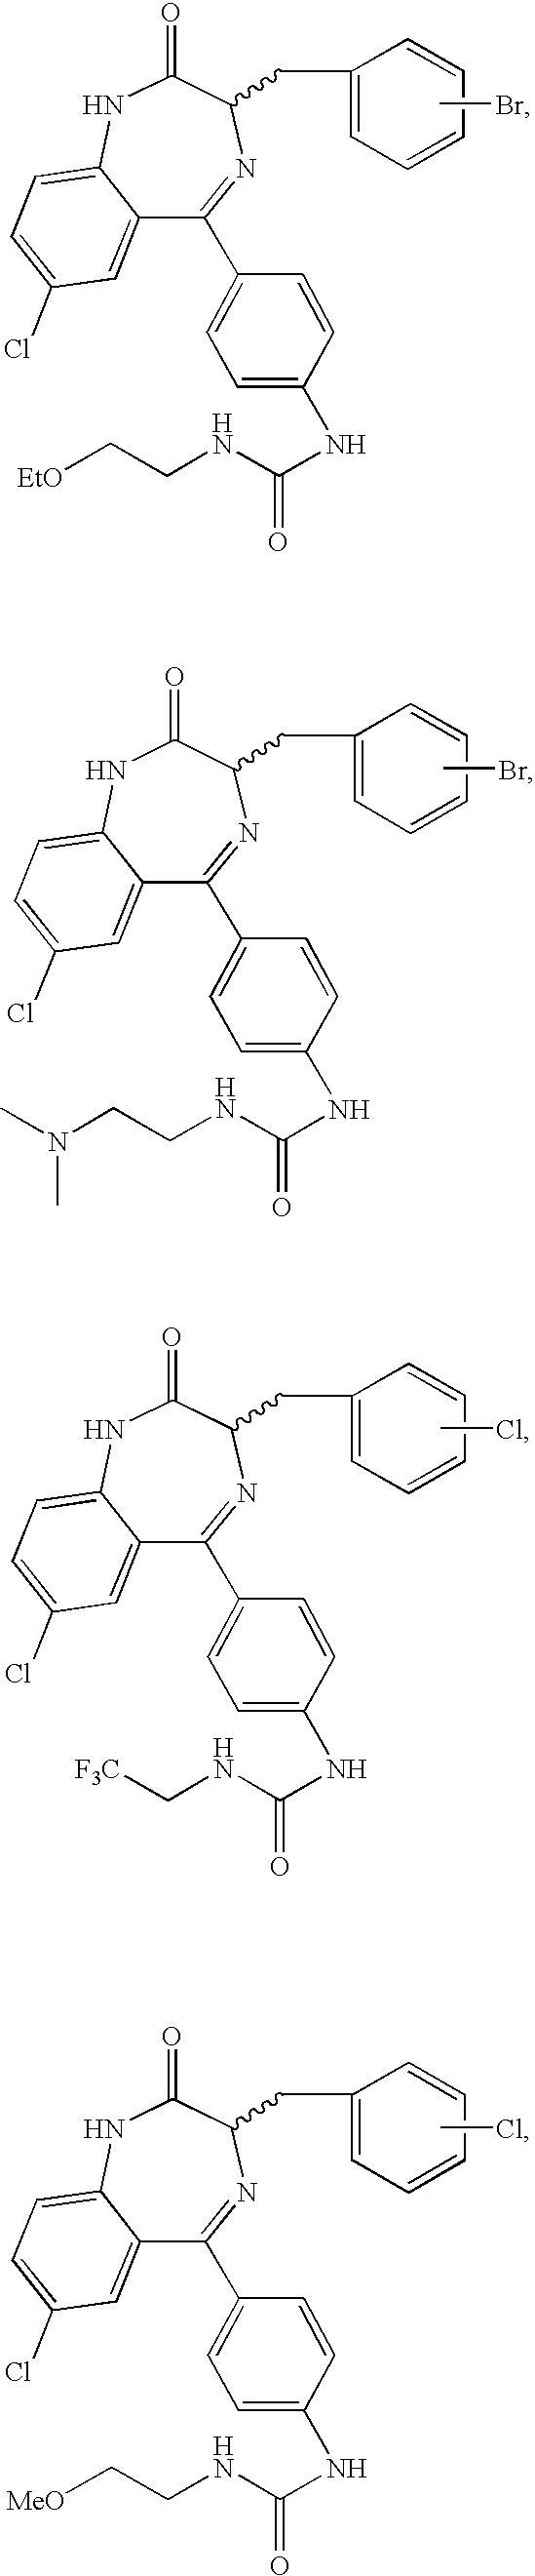 Figure US07851465-20101214-C00025